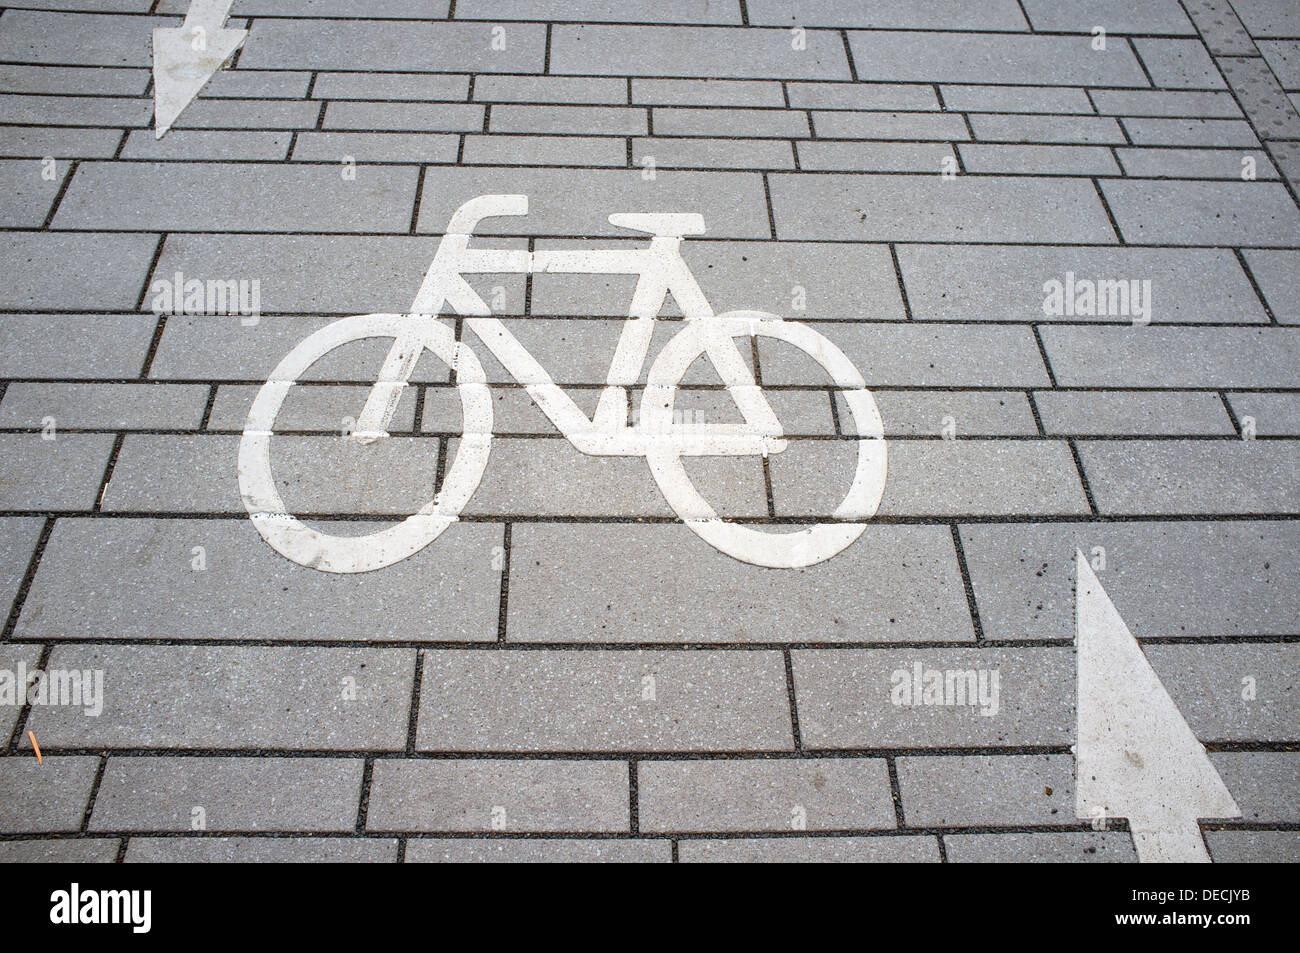 Dedicated cycle way - Stock Image